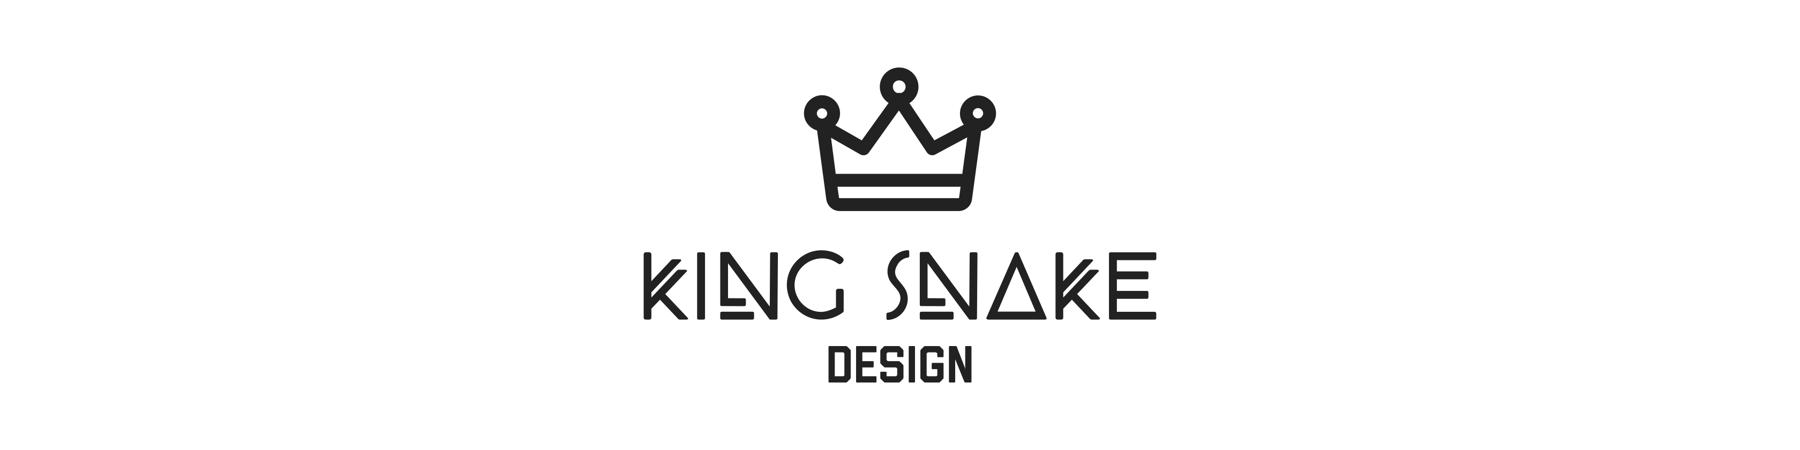 King Snake Design